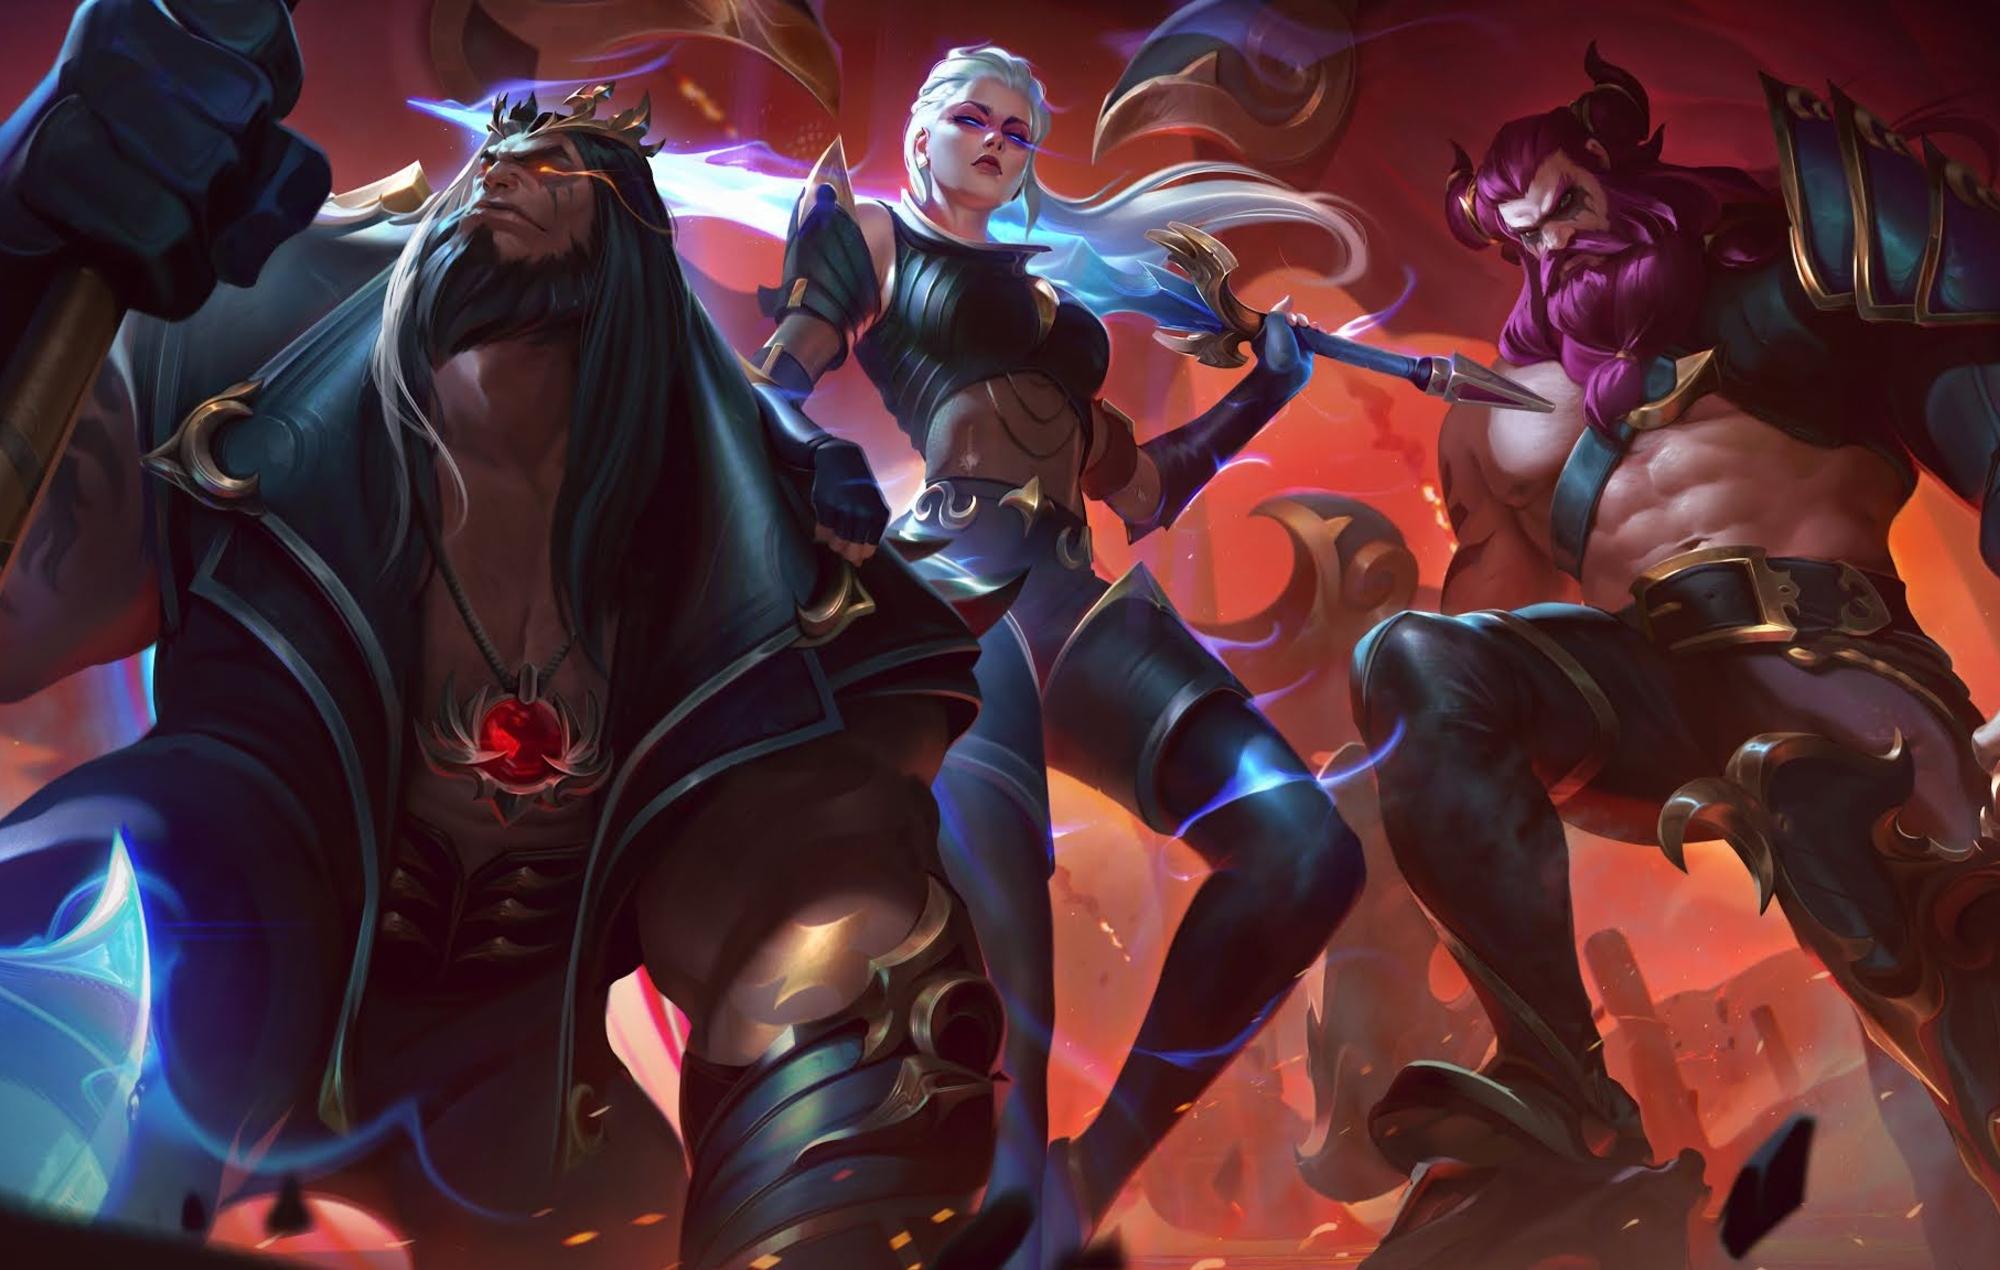 Le groupe Pentakill 'League Of Legends' organisera un concert virtuel interactif